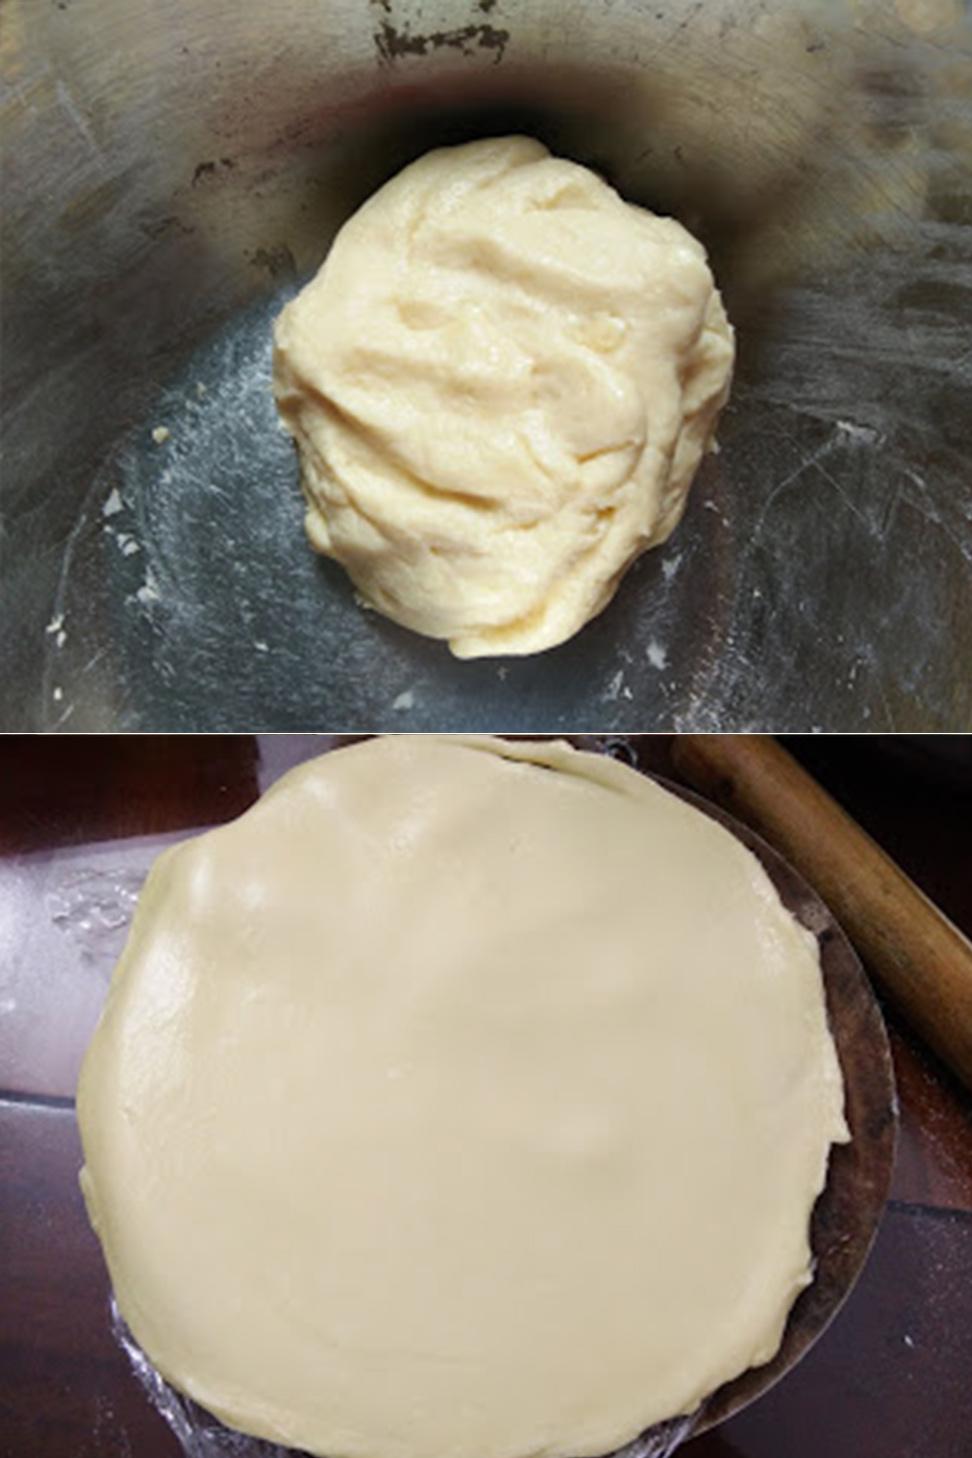 Công thức bánh tart táo 02 công thức bánh tart táo Công thức bánh tart táo truyền thống cho người mới làm bánh cong thuc banh tart tao 02